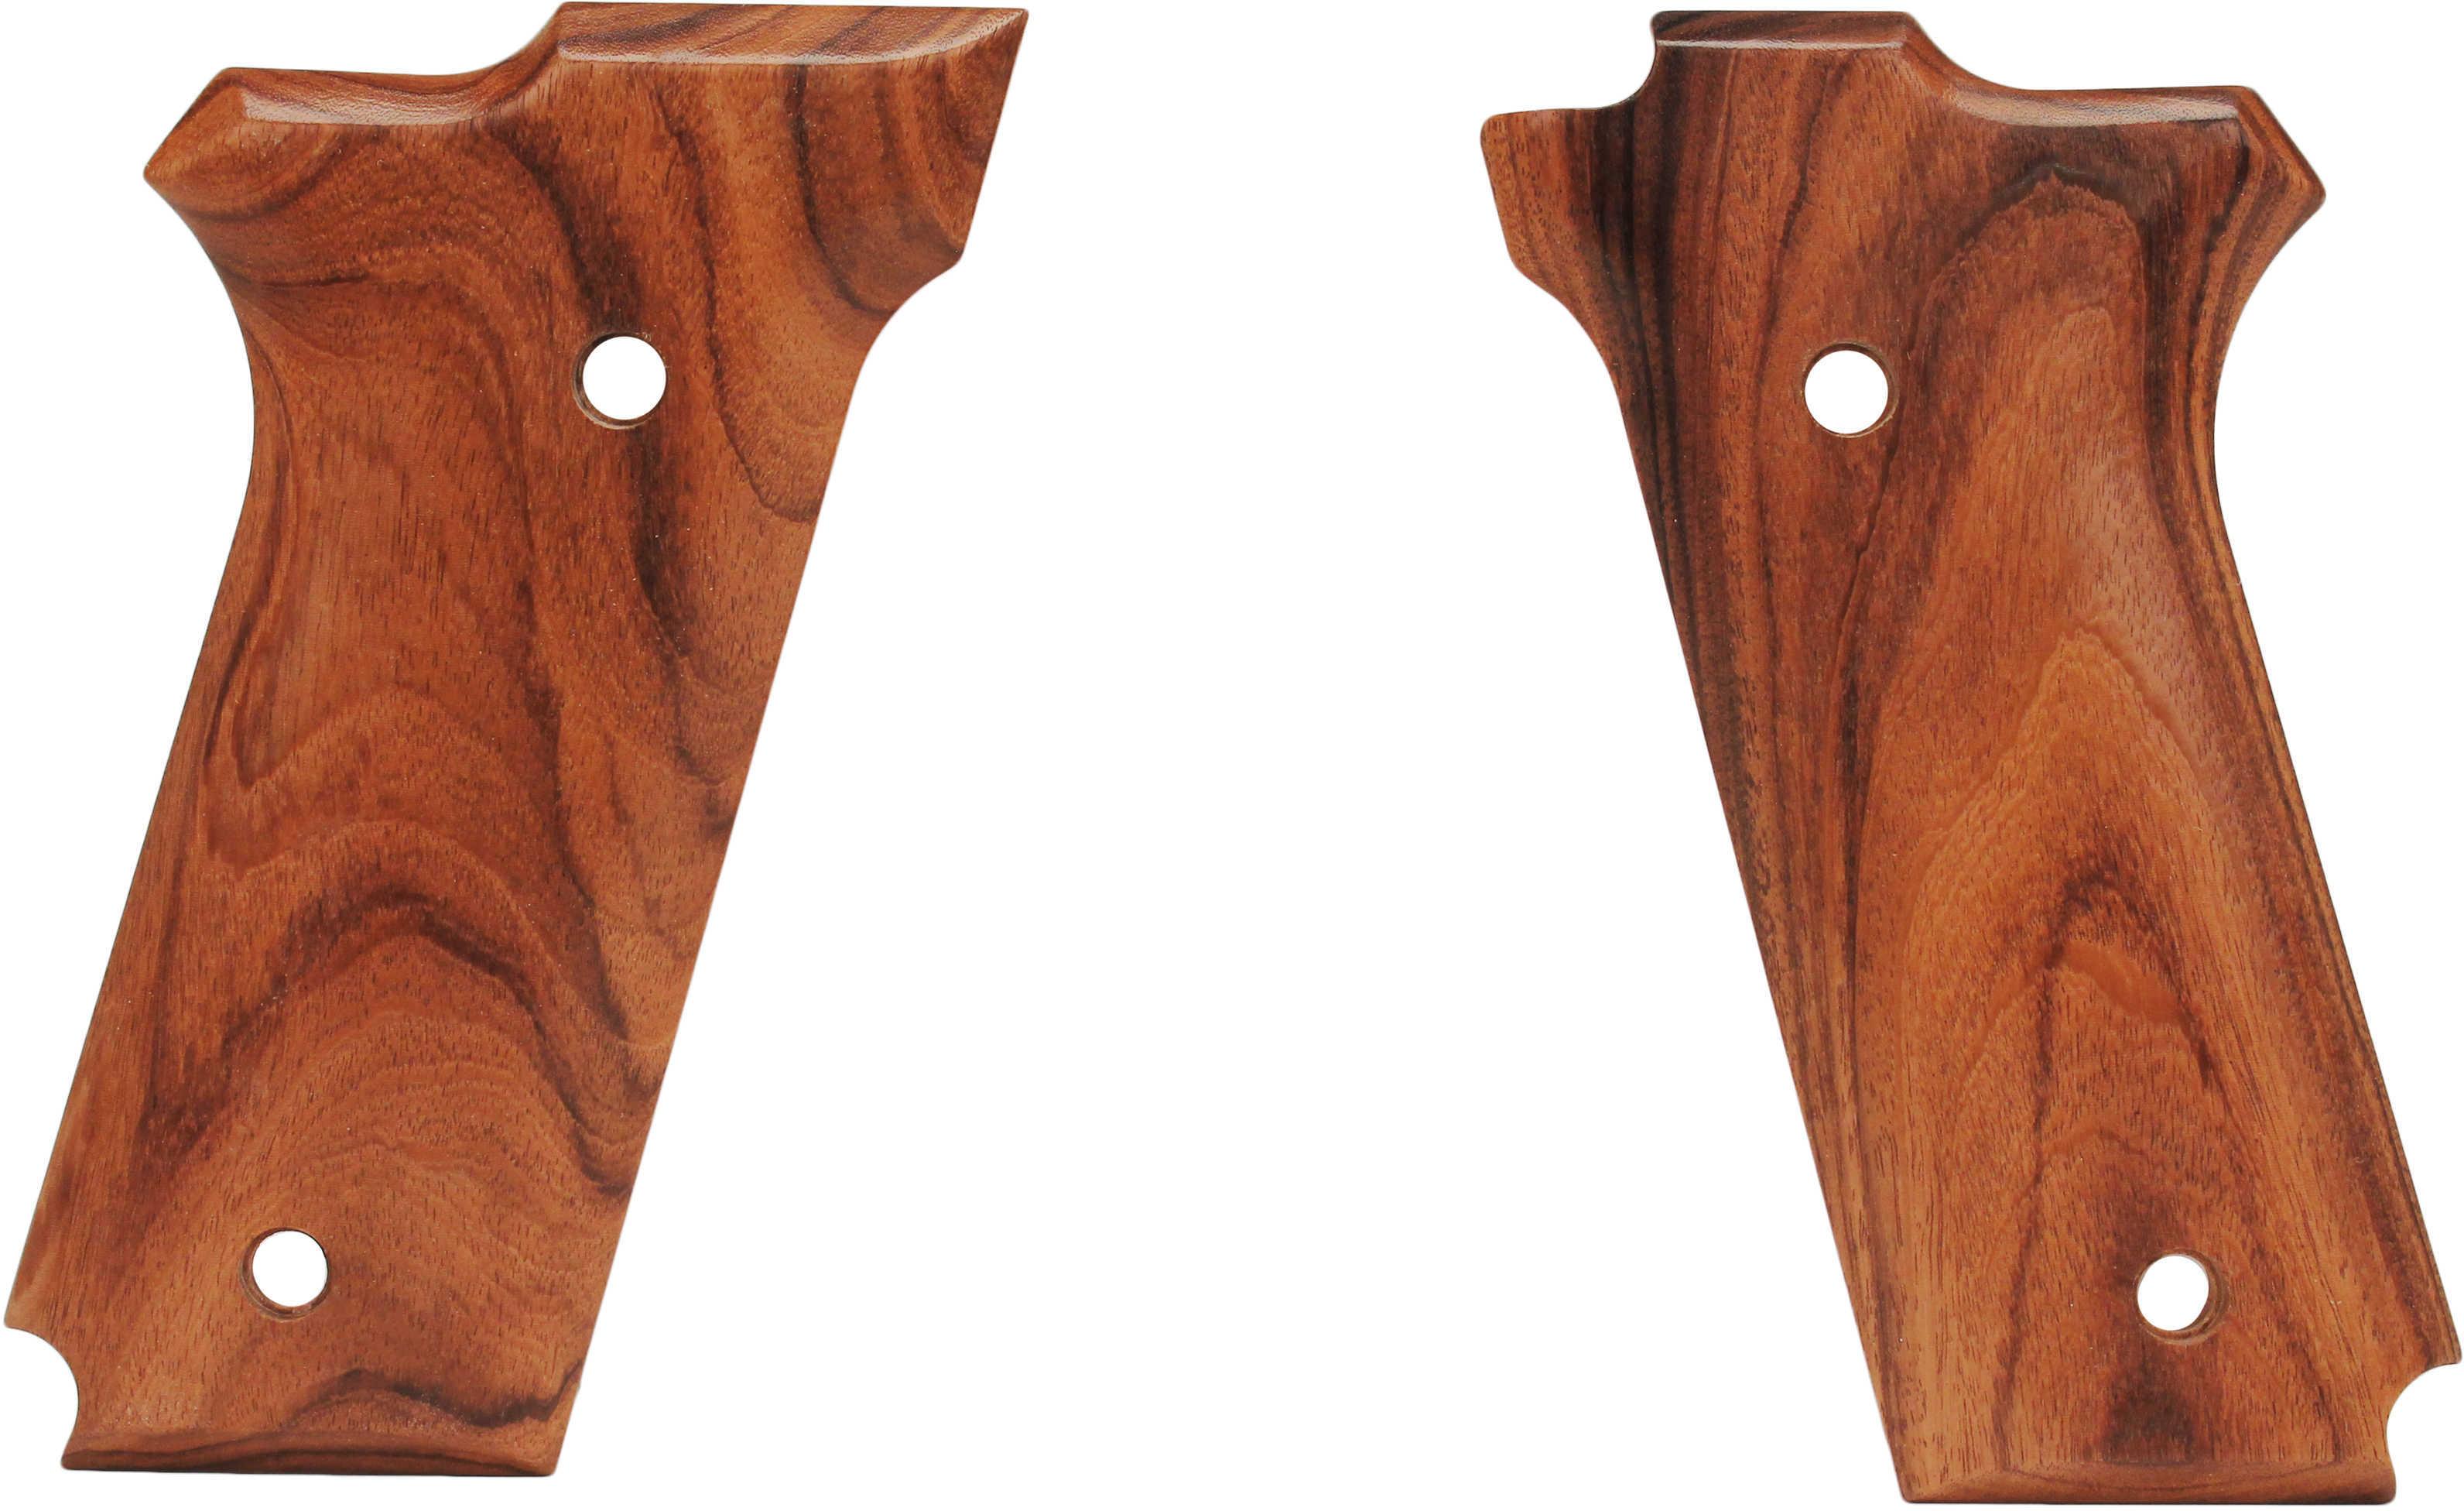 Hogue Wood Grips - Pau Ferro Smith & Wesson M645 Md: 64310